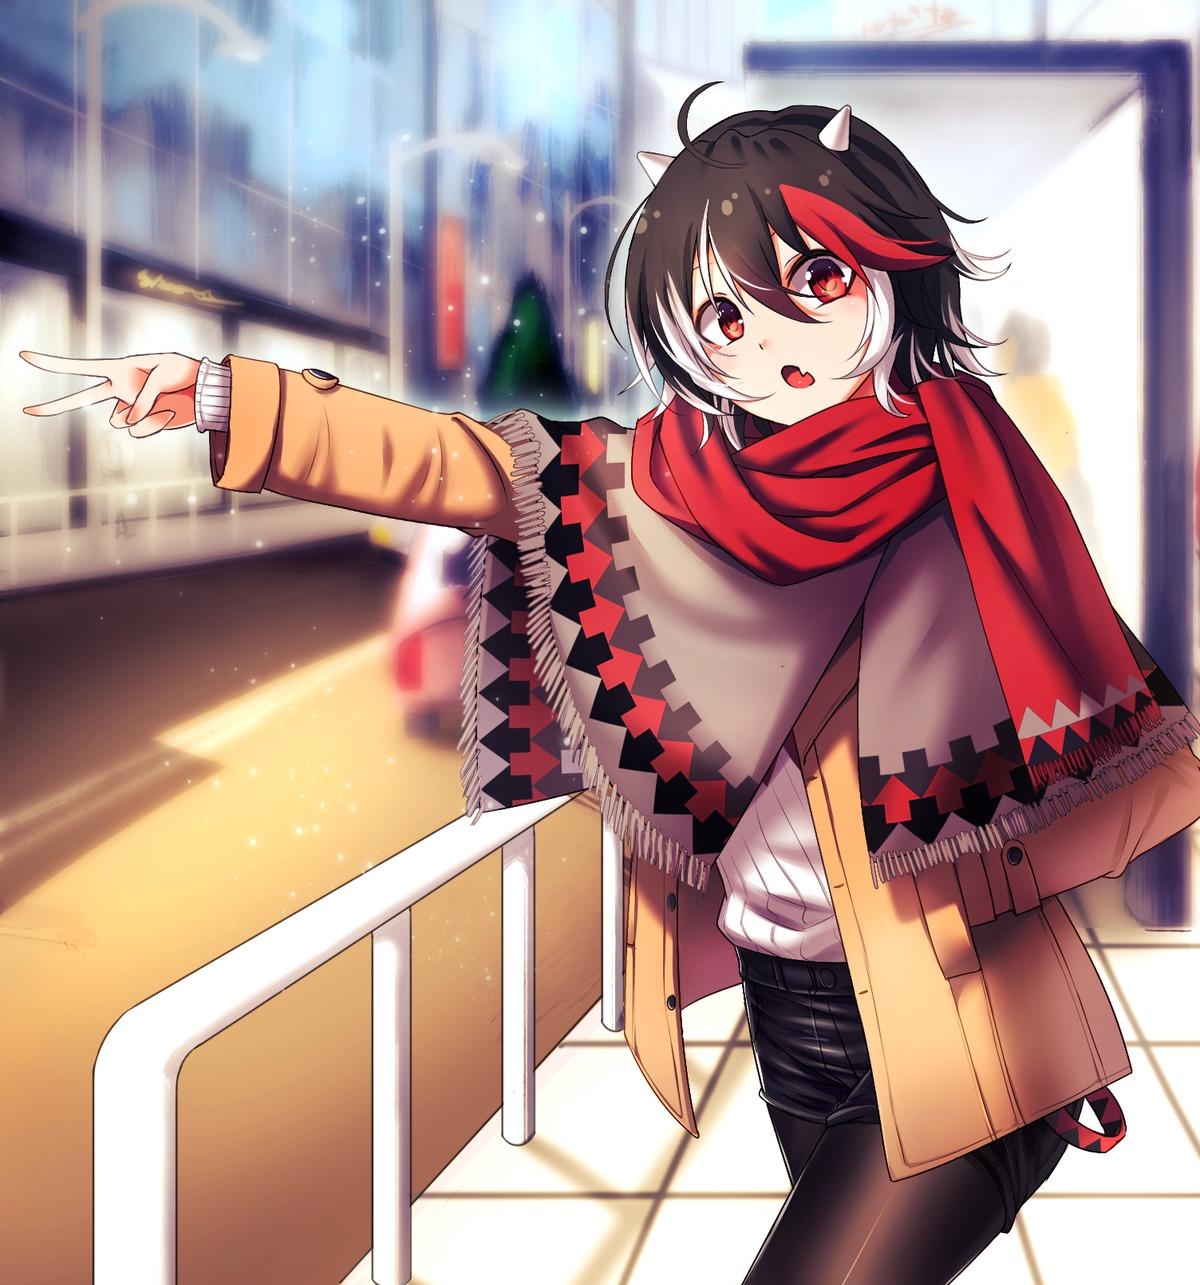 长袖少女美图,动漫美少女图集,日本冬装图